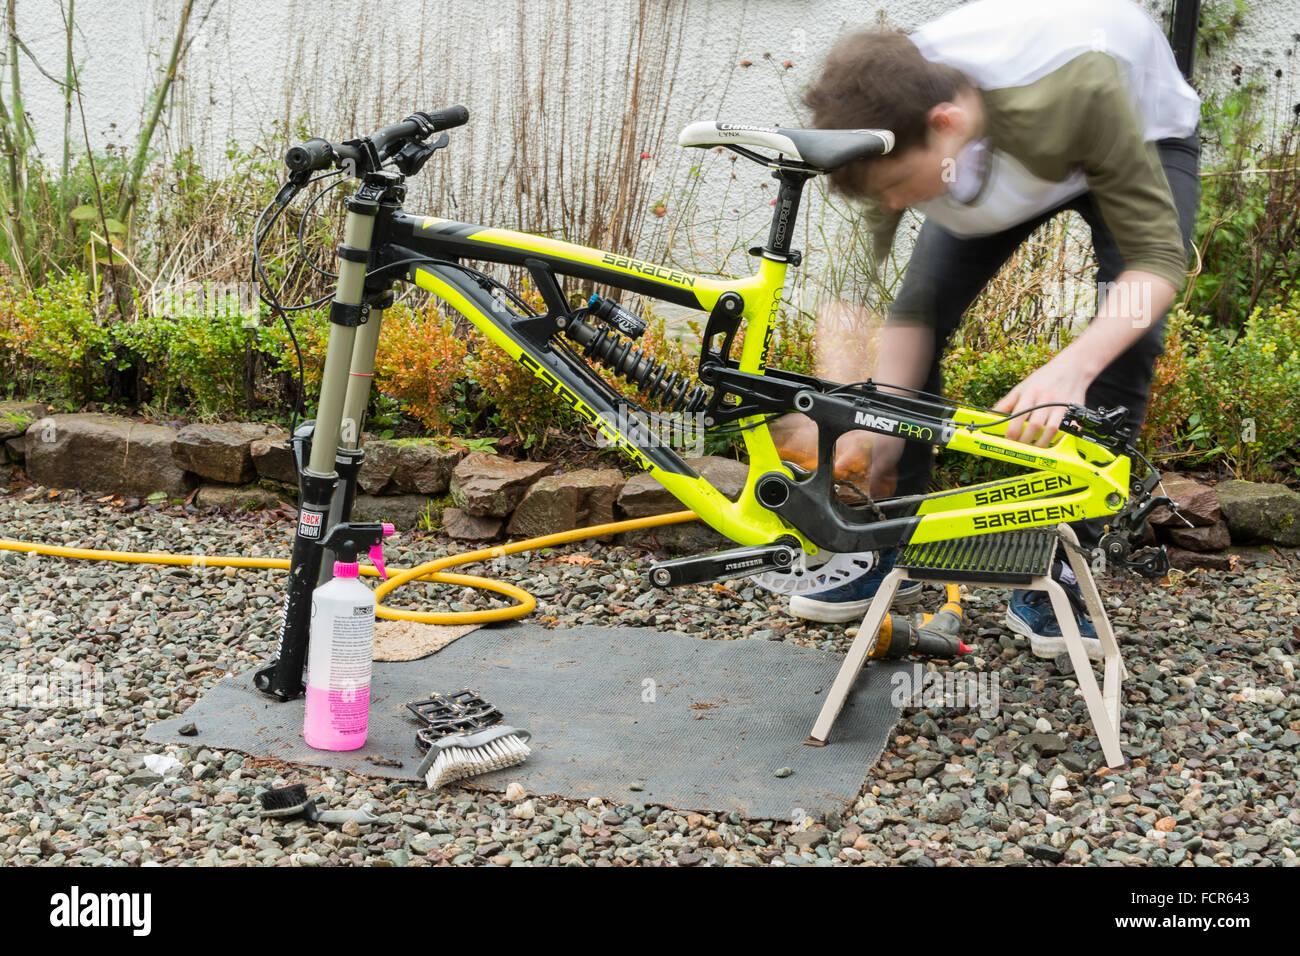 Adolescente, limpieza y construcción de descenso con bicicleta de montaña Imagen De Stock